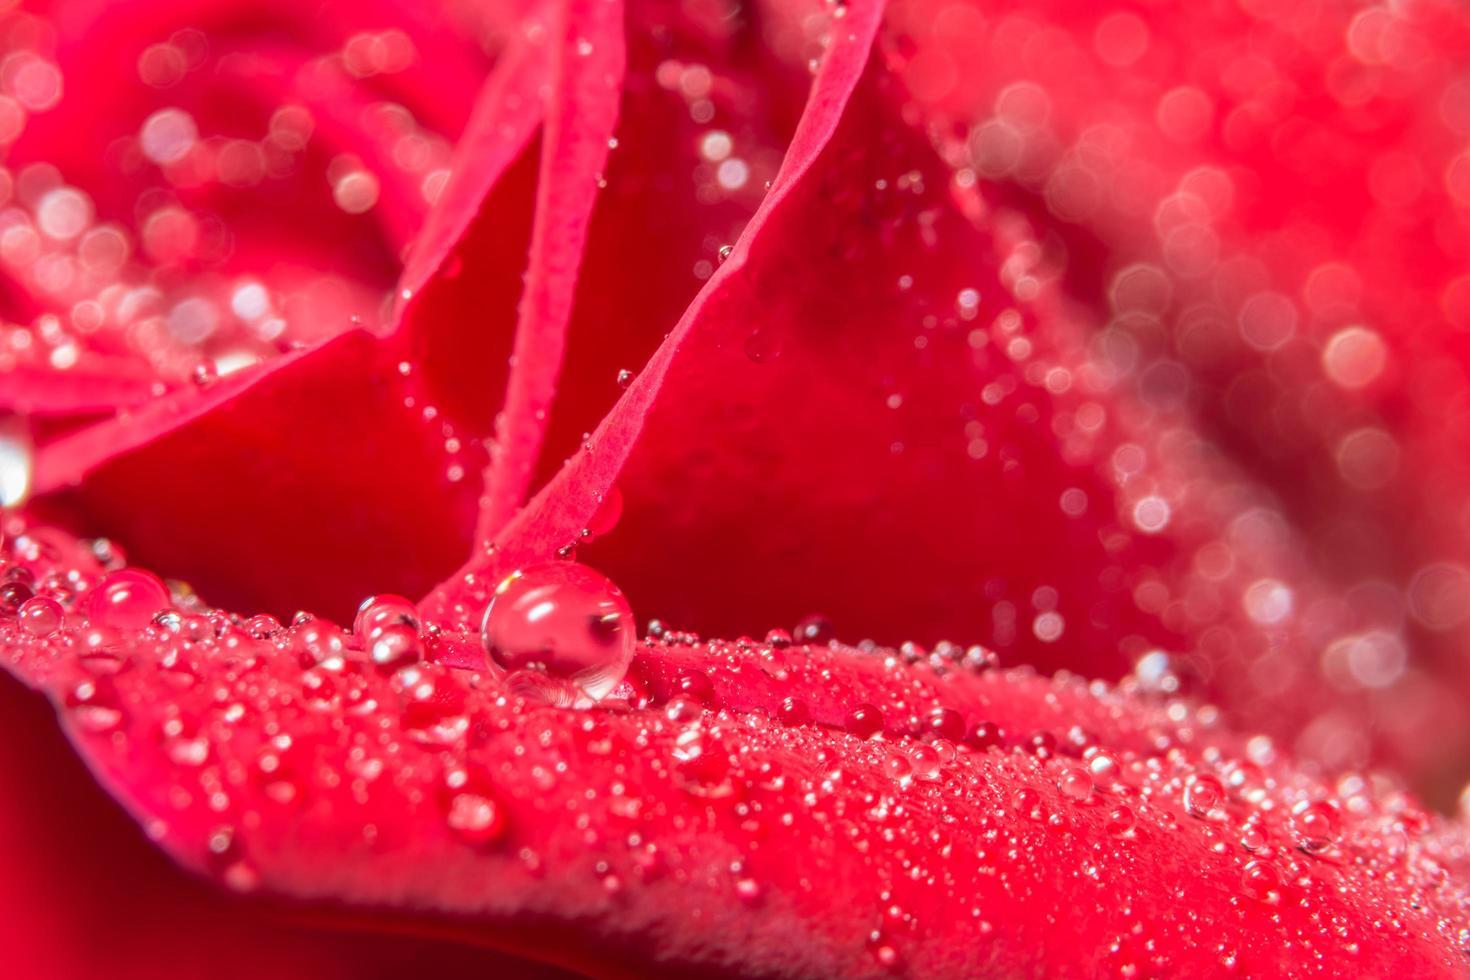 vattendroppar på en röd ros foto